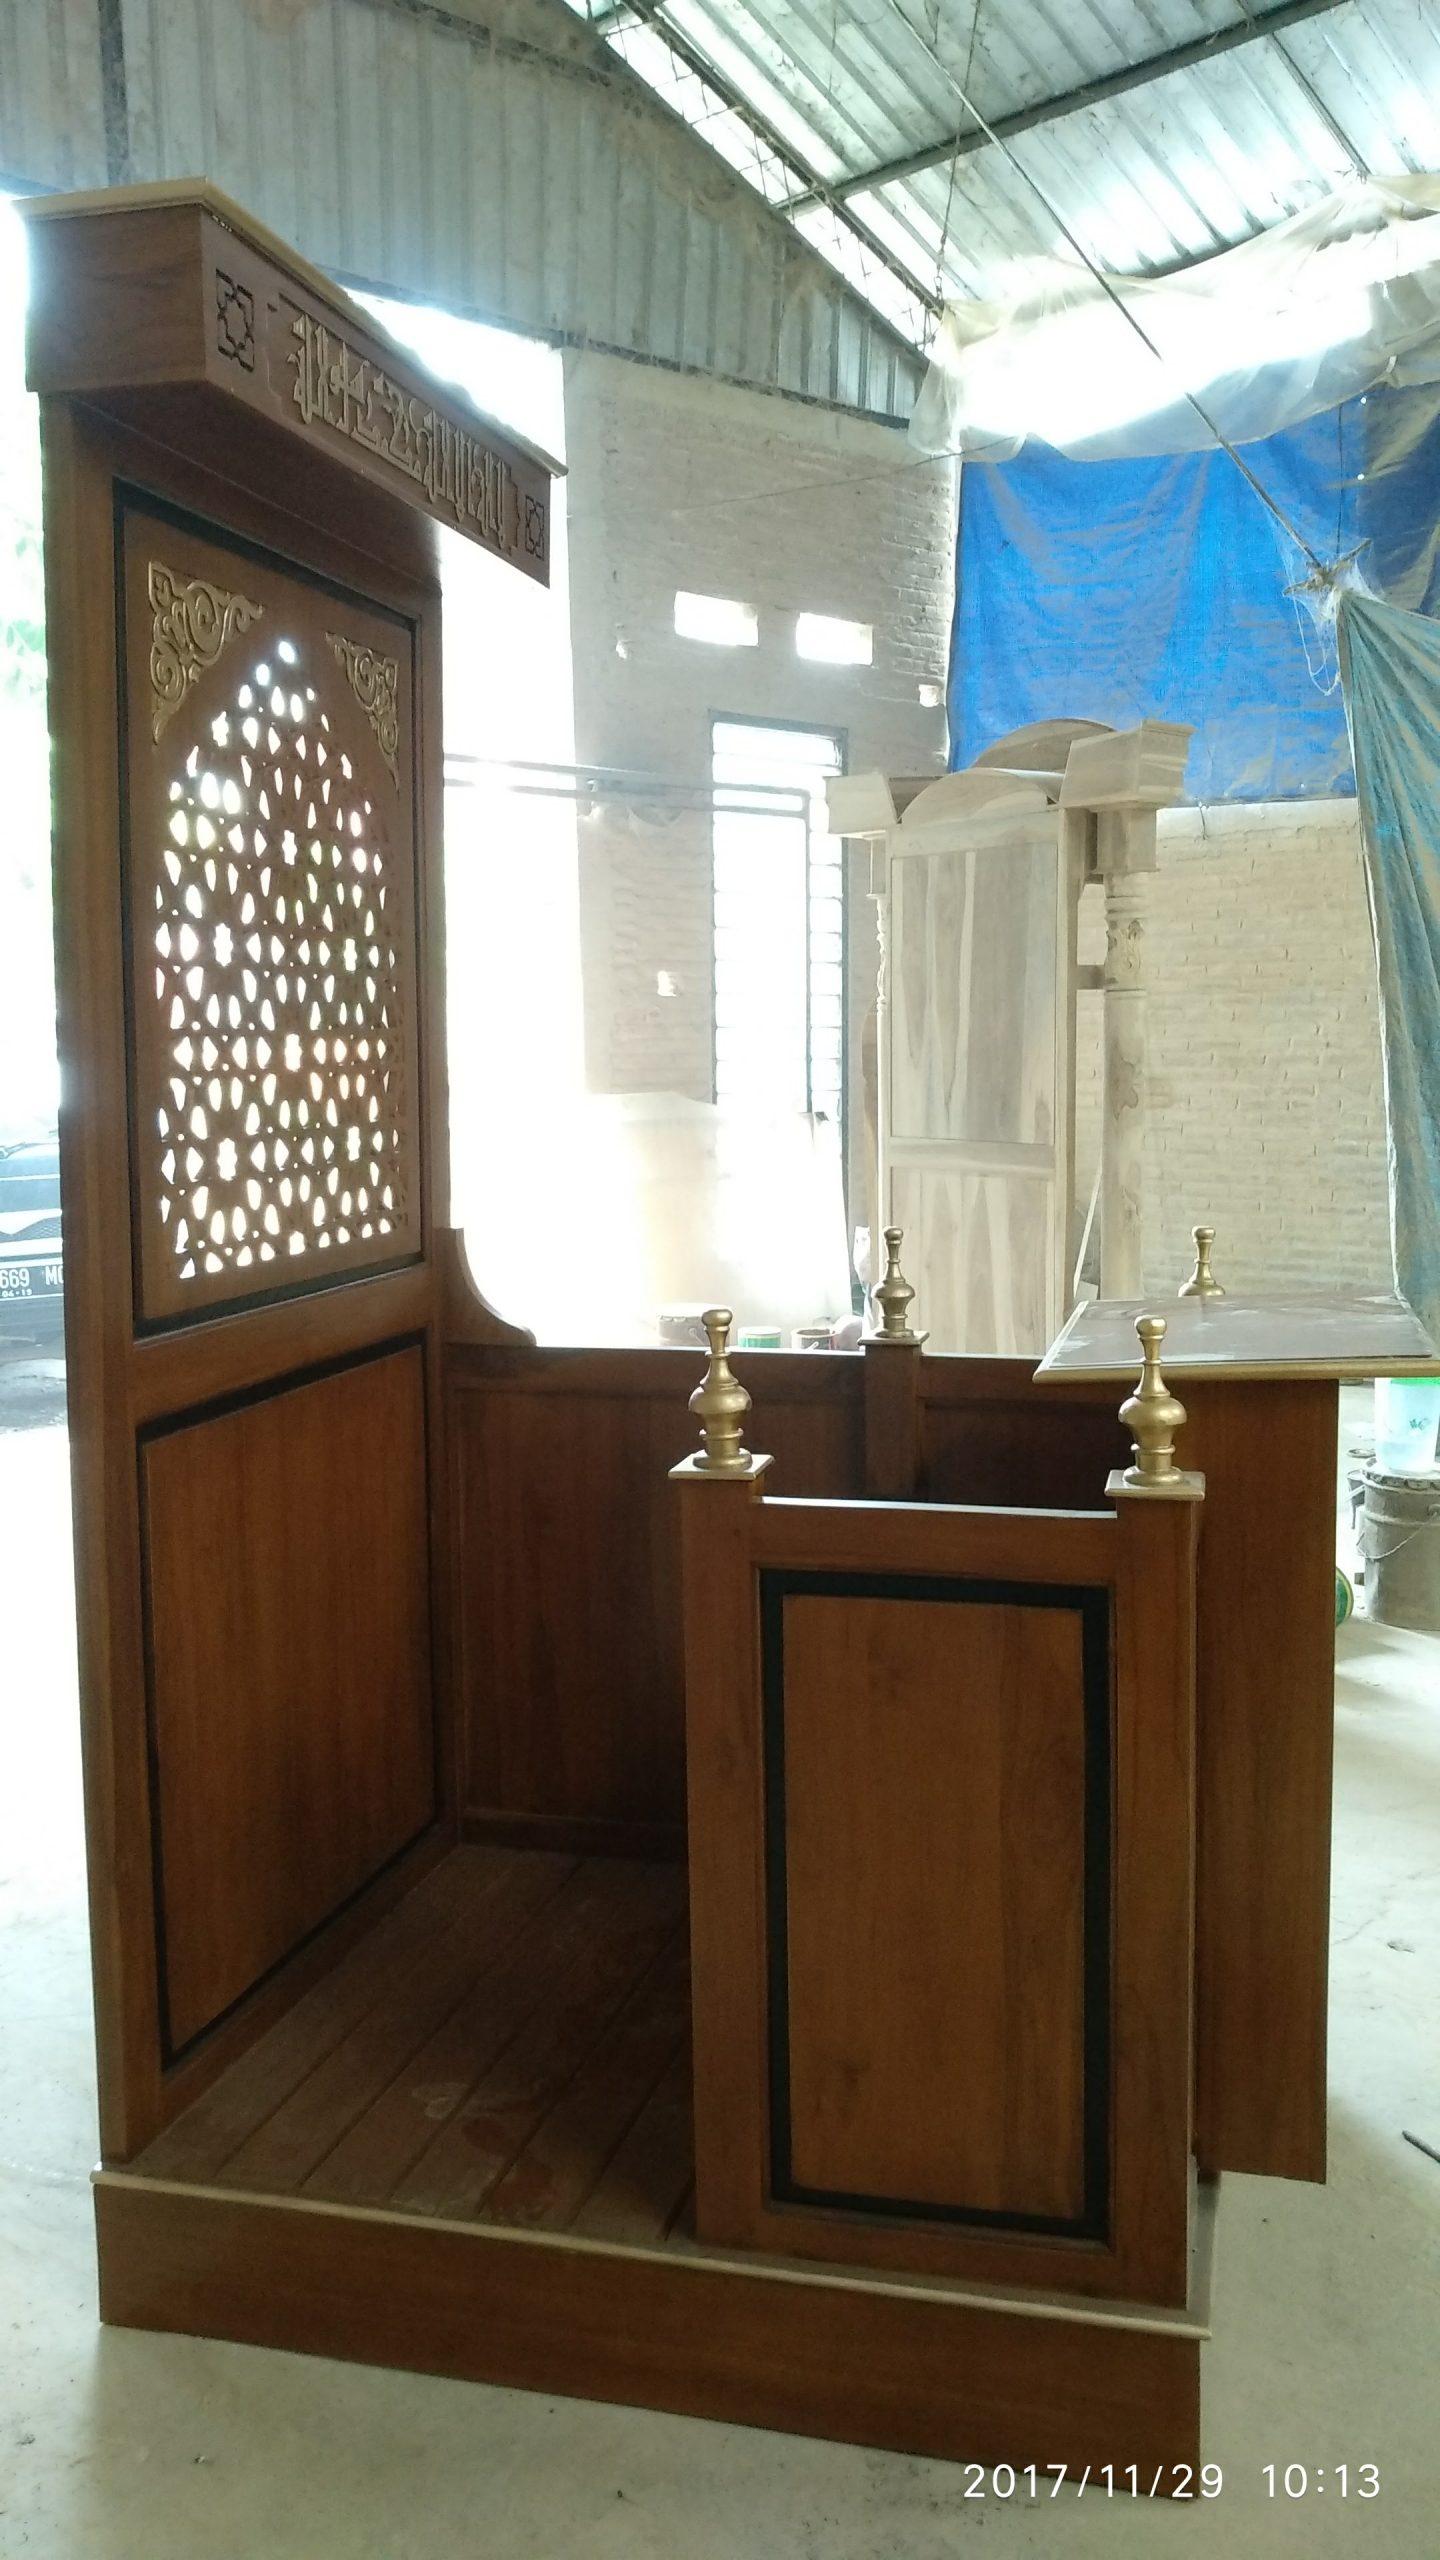 Mimbar Jepara Ornamen Arabic Masjid Daerah Balikpapan